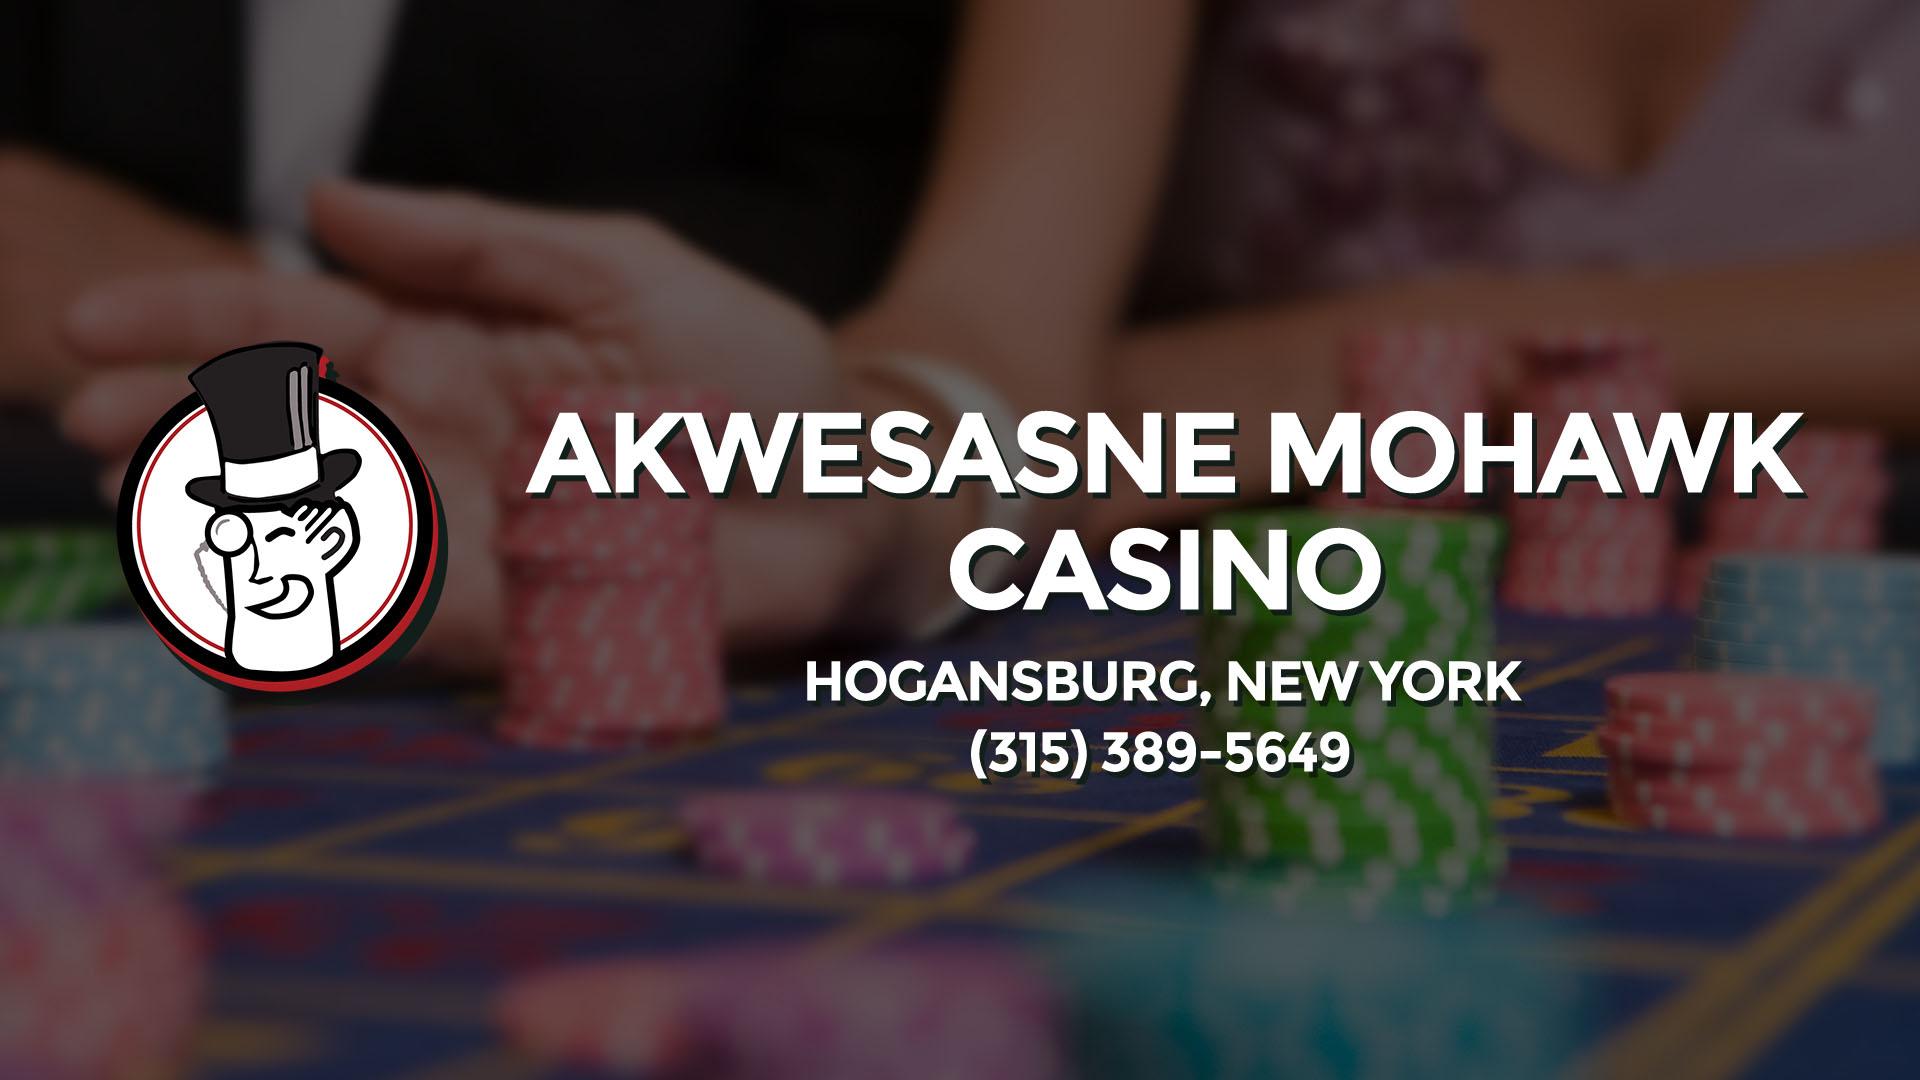 AKWESASNE MOHAWK CASINO HOGANSBURG NY